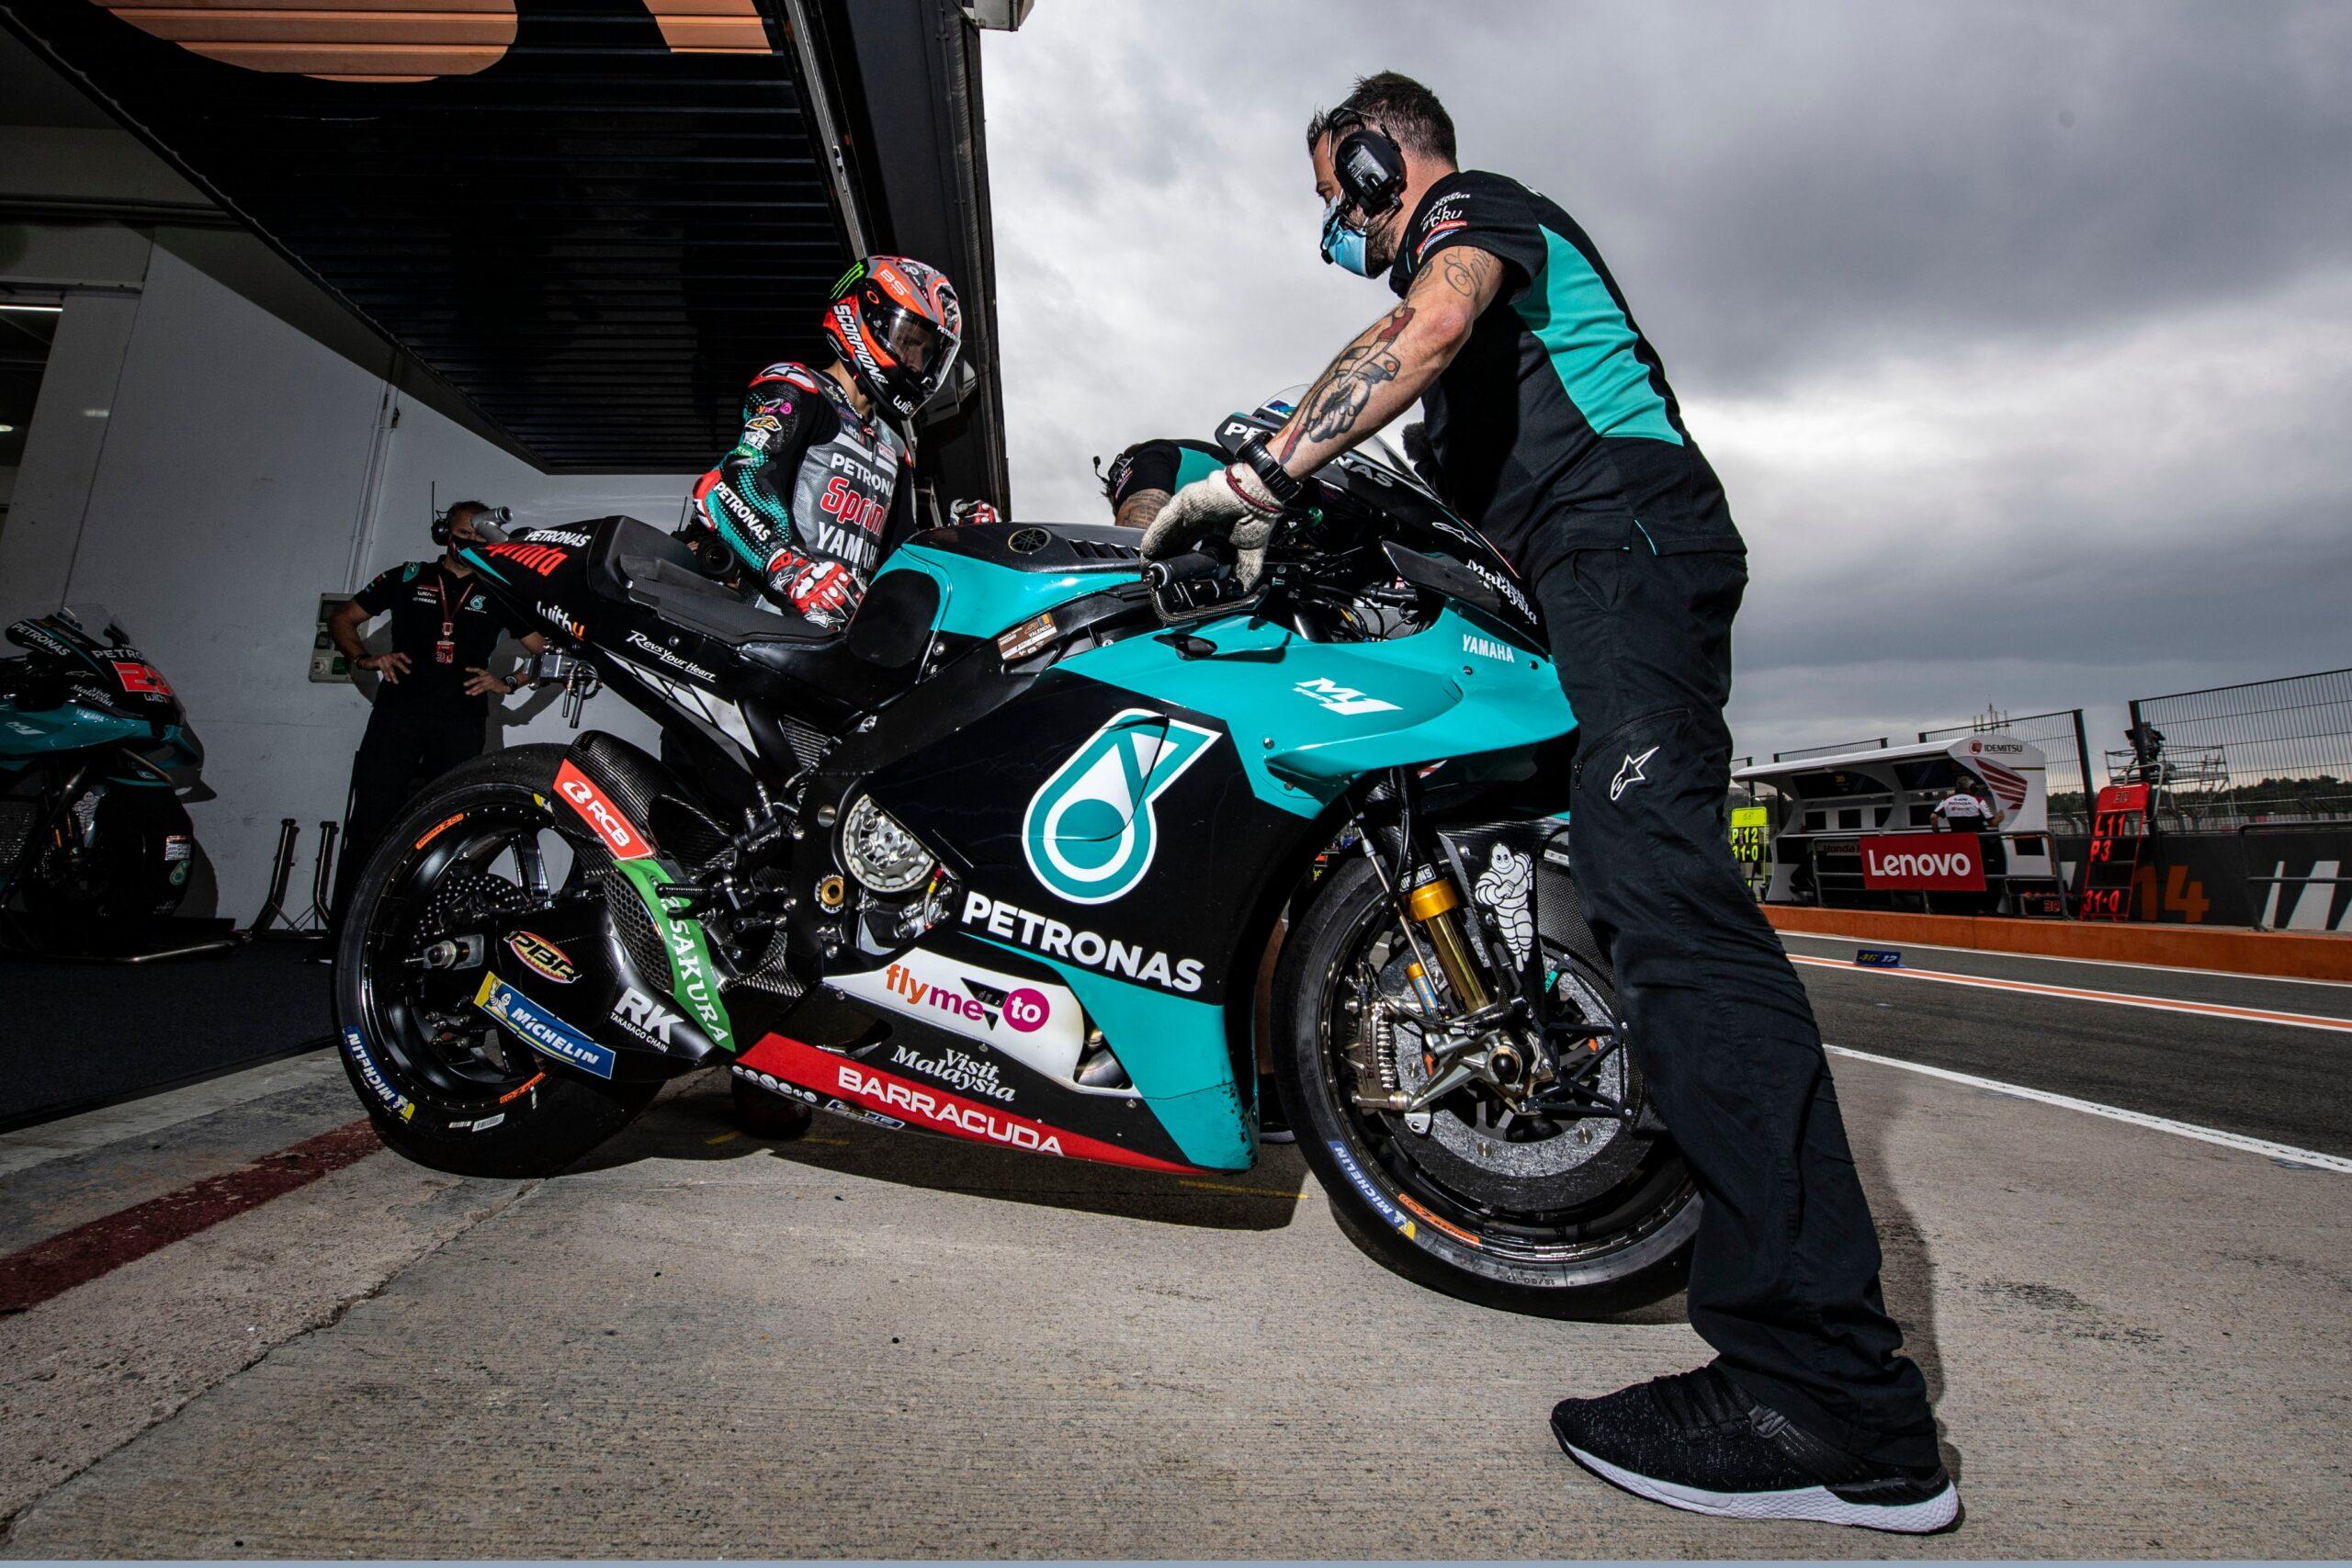 Fabio Quartararo MotoGP